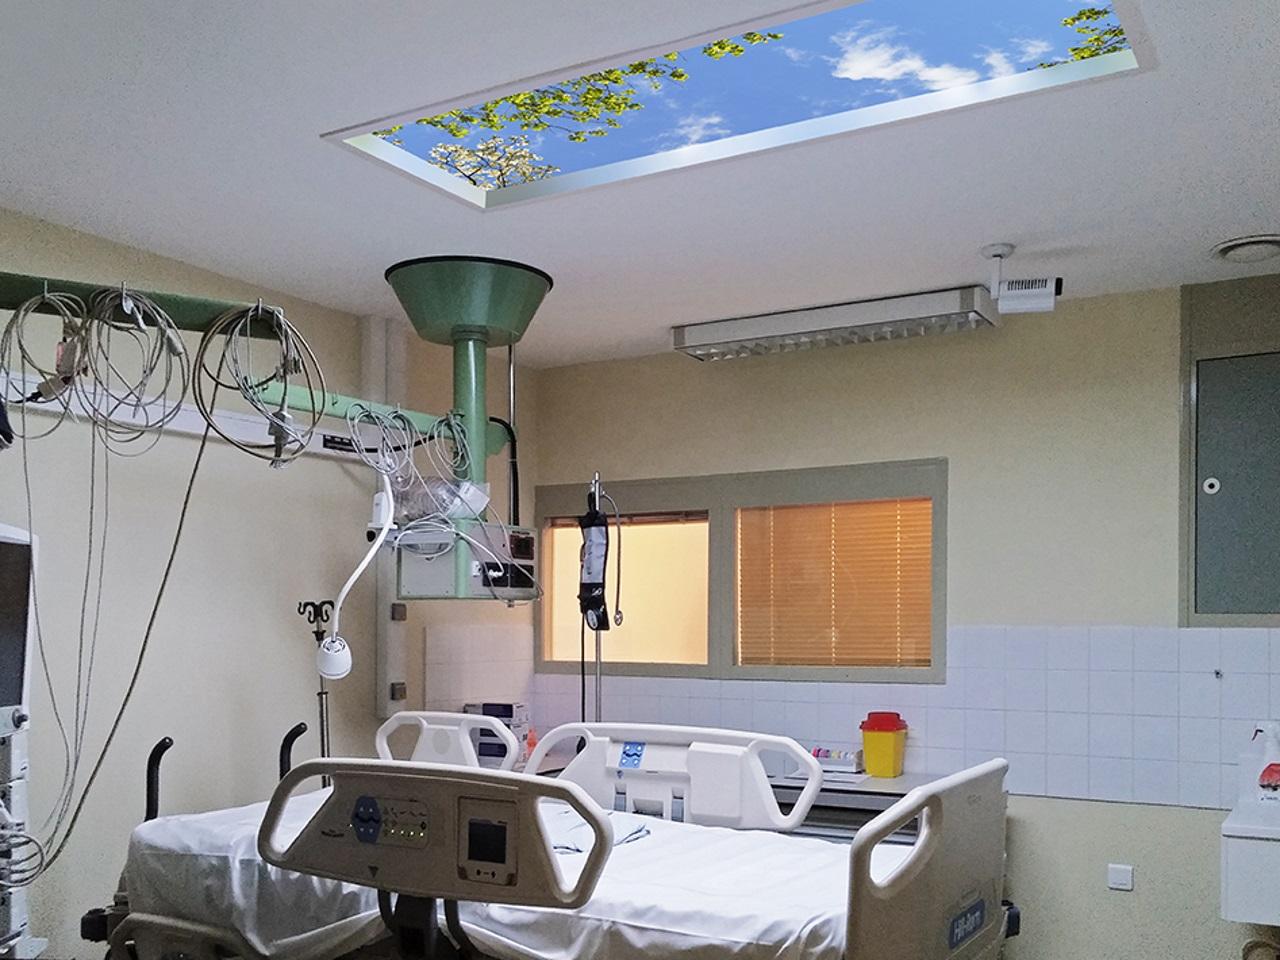 Centre hospitalier lyon sud un ciel artificiel pour relaxer les patients - Hopital lyon porte du sud ...